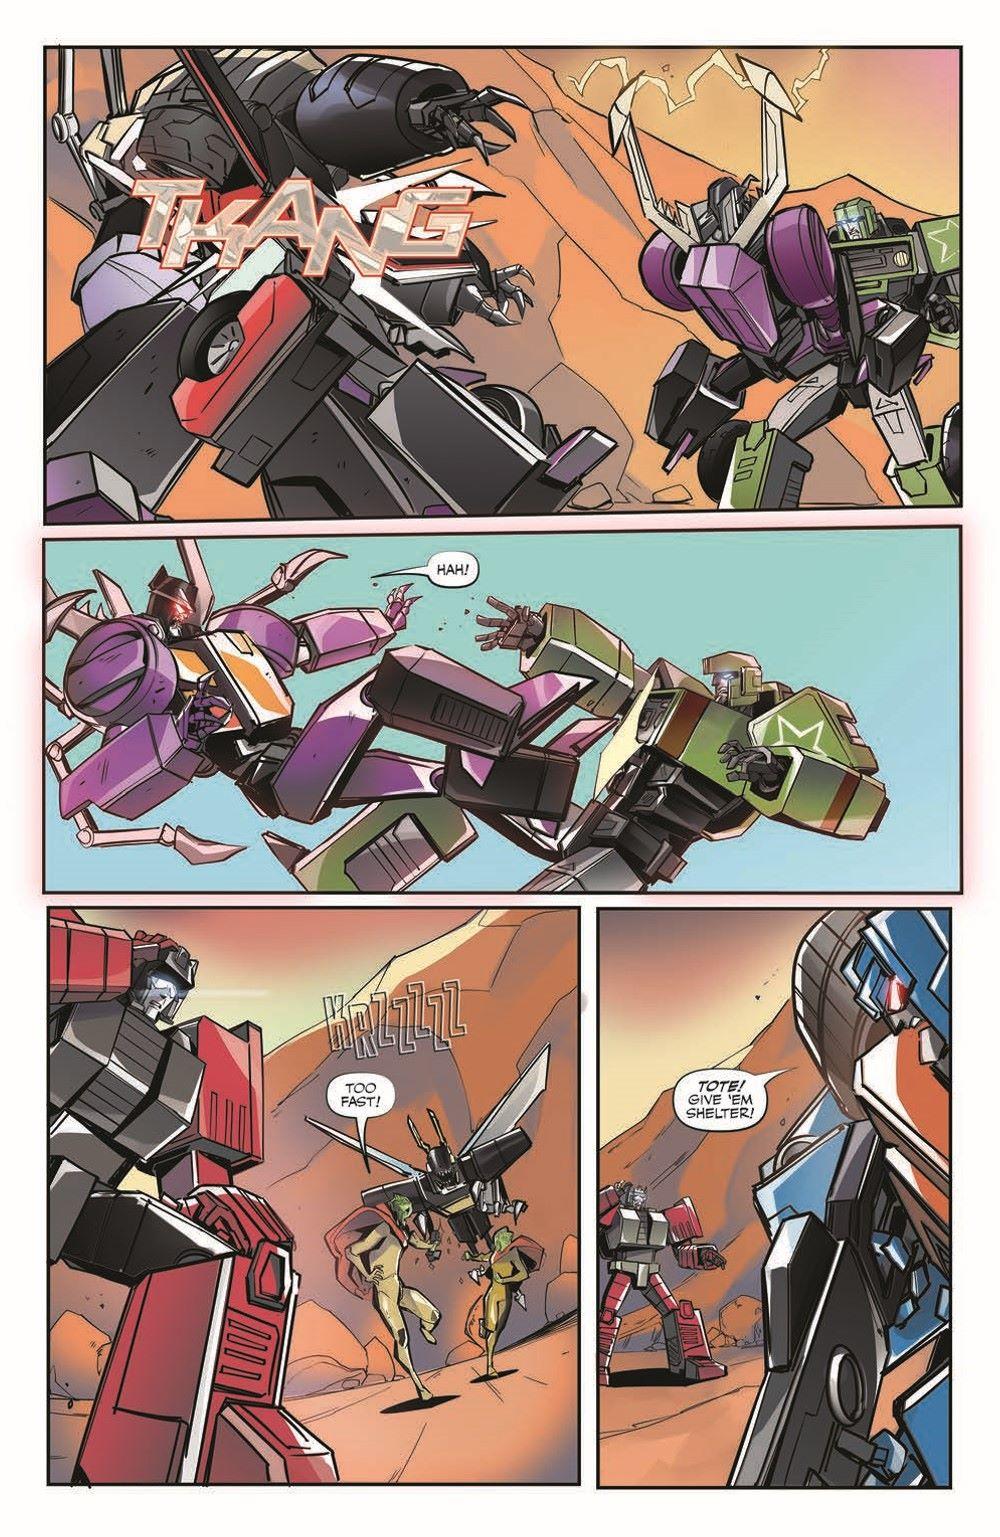 TFEscape03-pr-4 ComicList Previews: TRANSFORMERS ESCAPE #3 (OF 5)